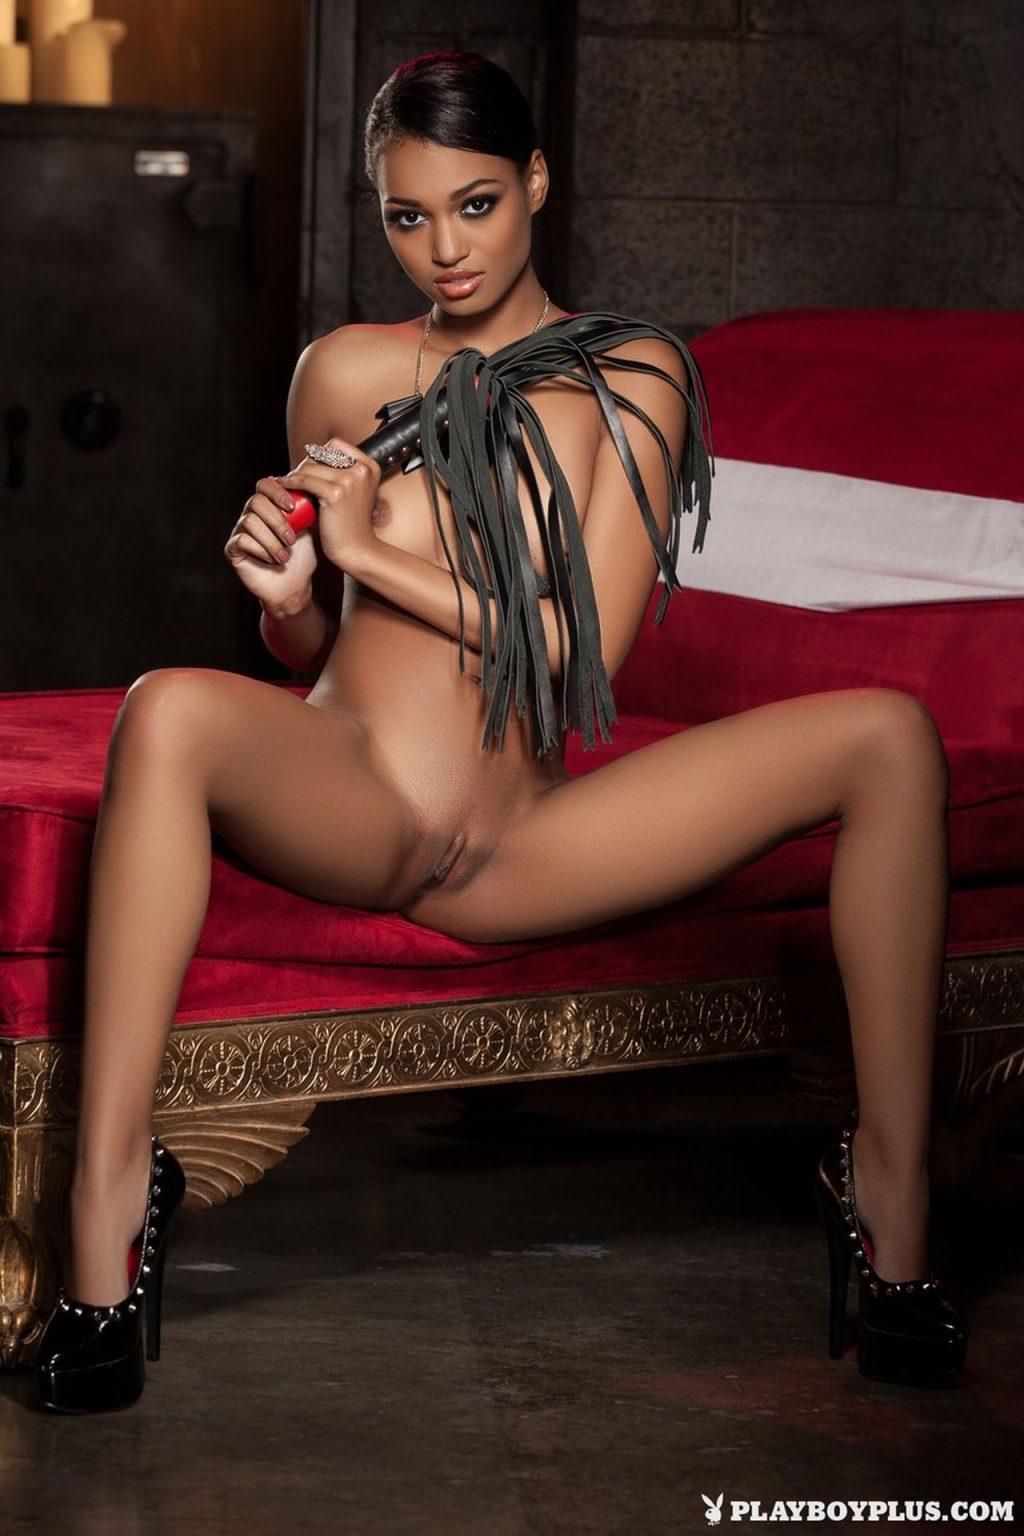 Noelle Monique Nude Thefappeningblog Com 13 1024x1536